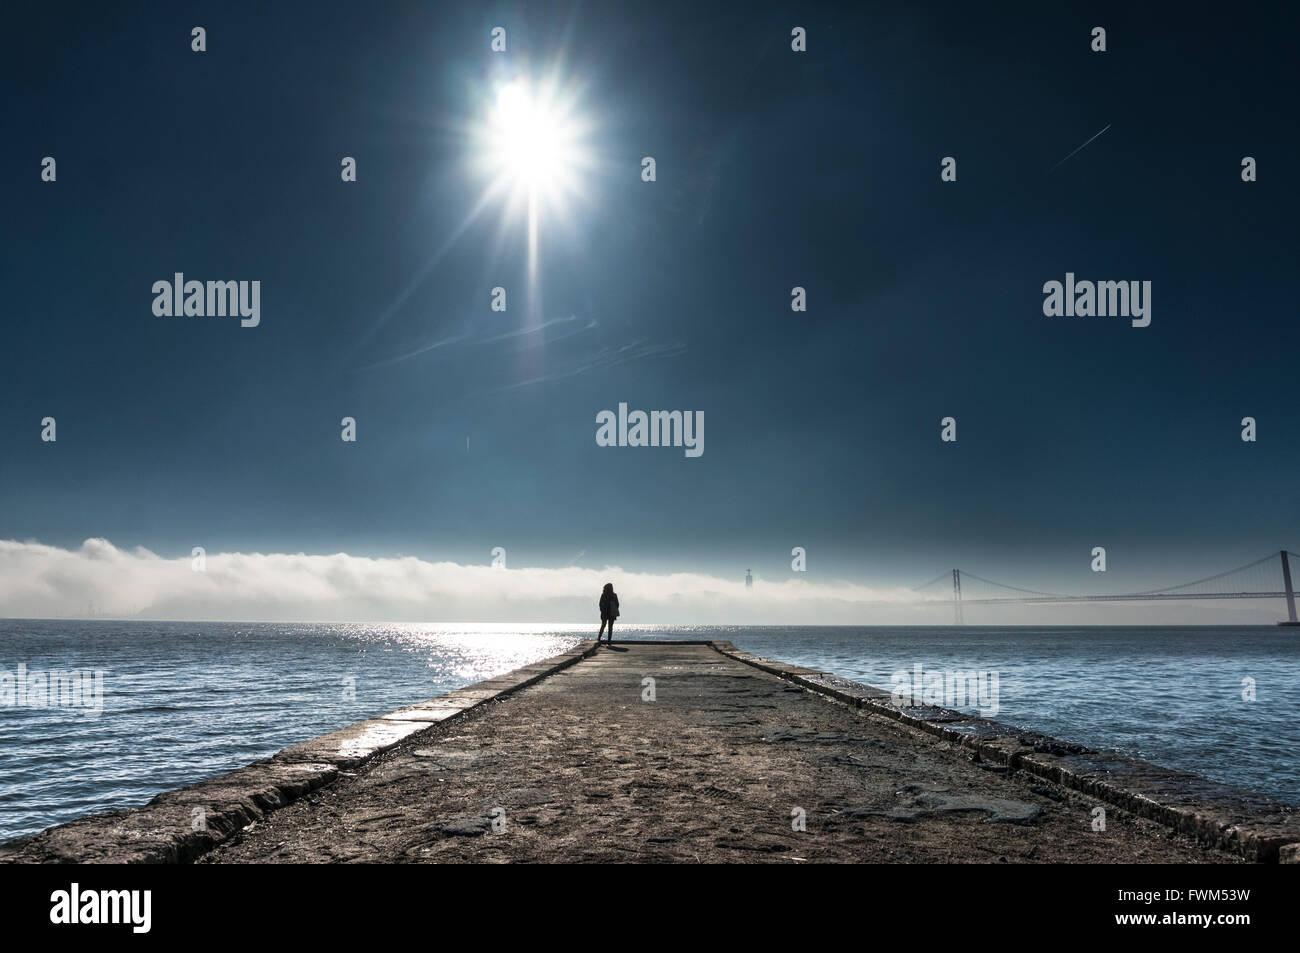 Distance de vue personne debout sur la jetée au-dessus de la mer contre le ciel Photo Stock